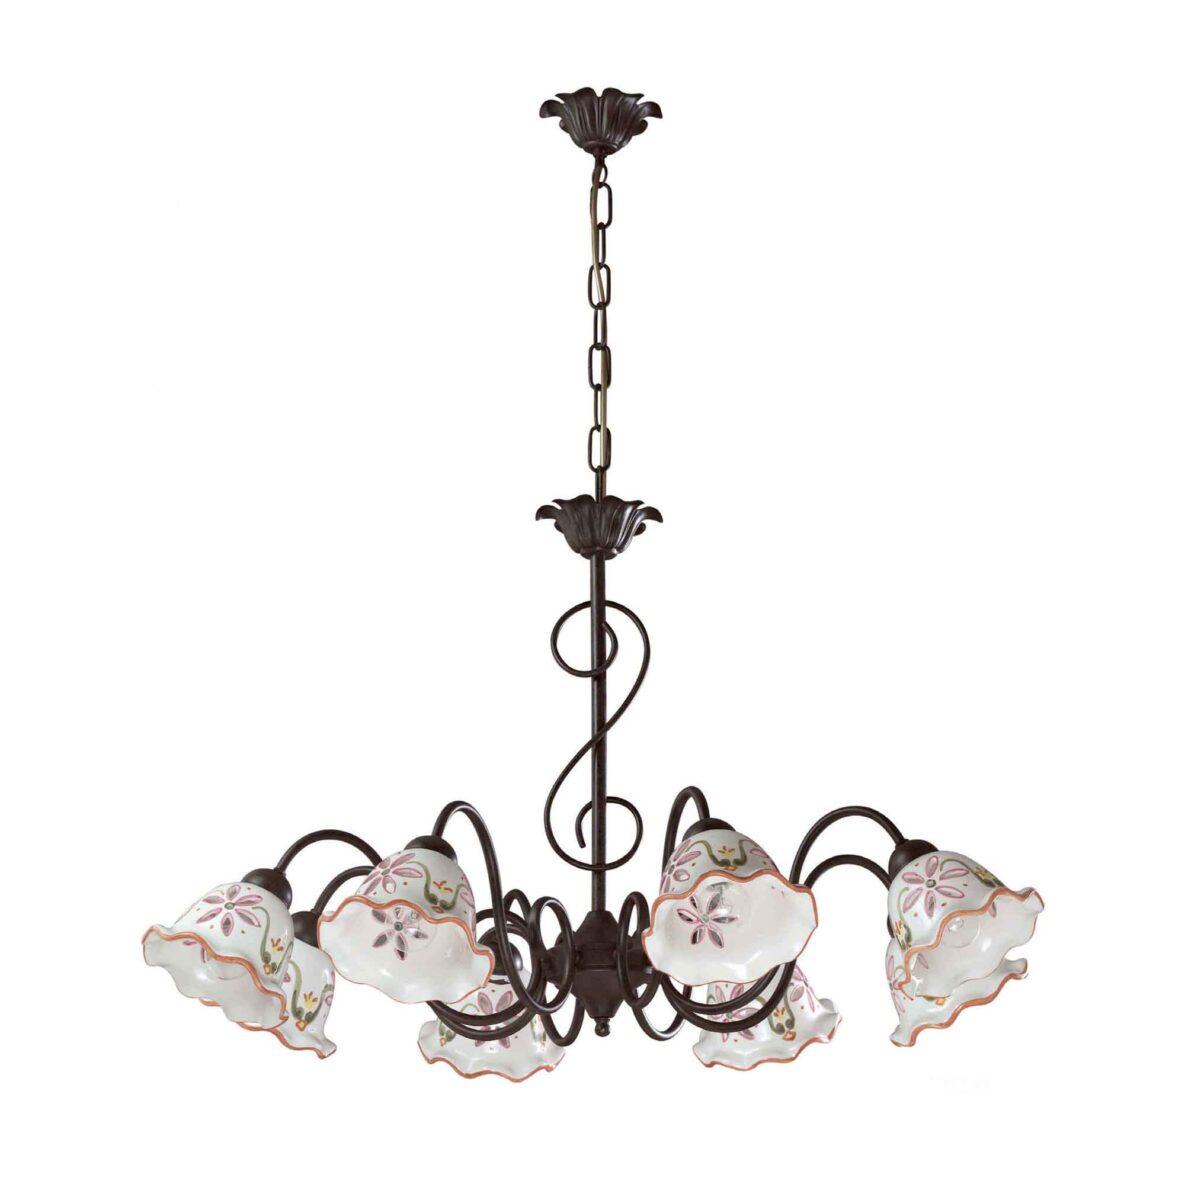 3 esse lamp di alfonso silvestro è un'azienda che si occupa della produzione di lampadari e prodotti affini, realizzazioni esclusive su disegni e progetti,. Lampadari Fabbrica Napoli Made In Italy La Luce Del Futuro